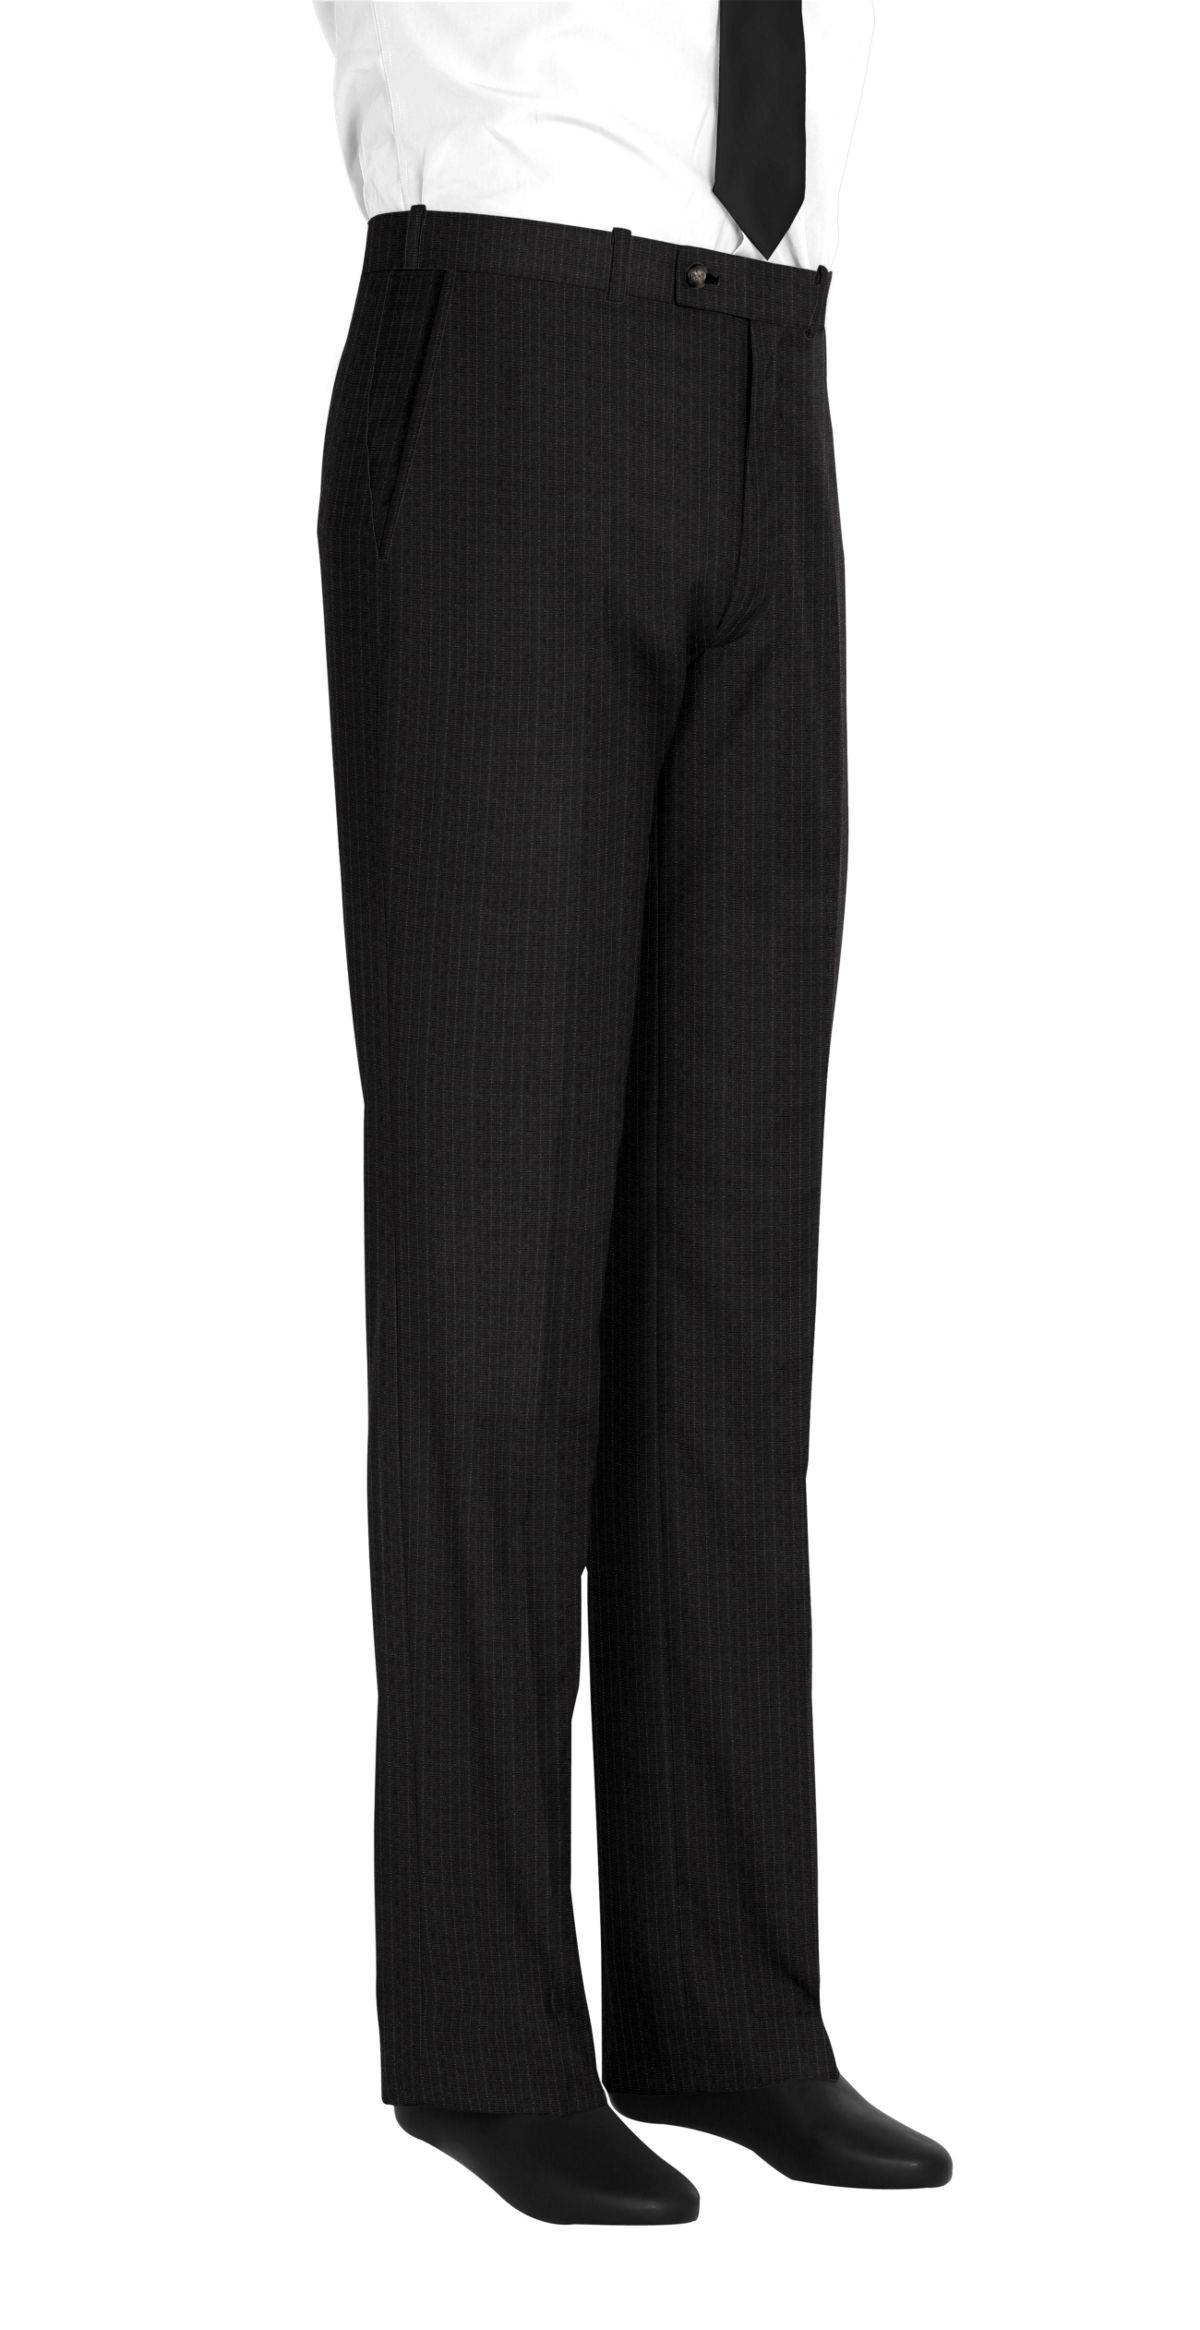 Pantalon homme sur mesure et personnalisé gris rayé  bas simple sans revers